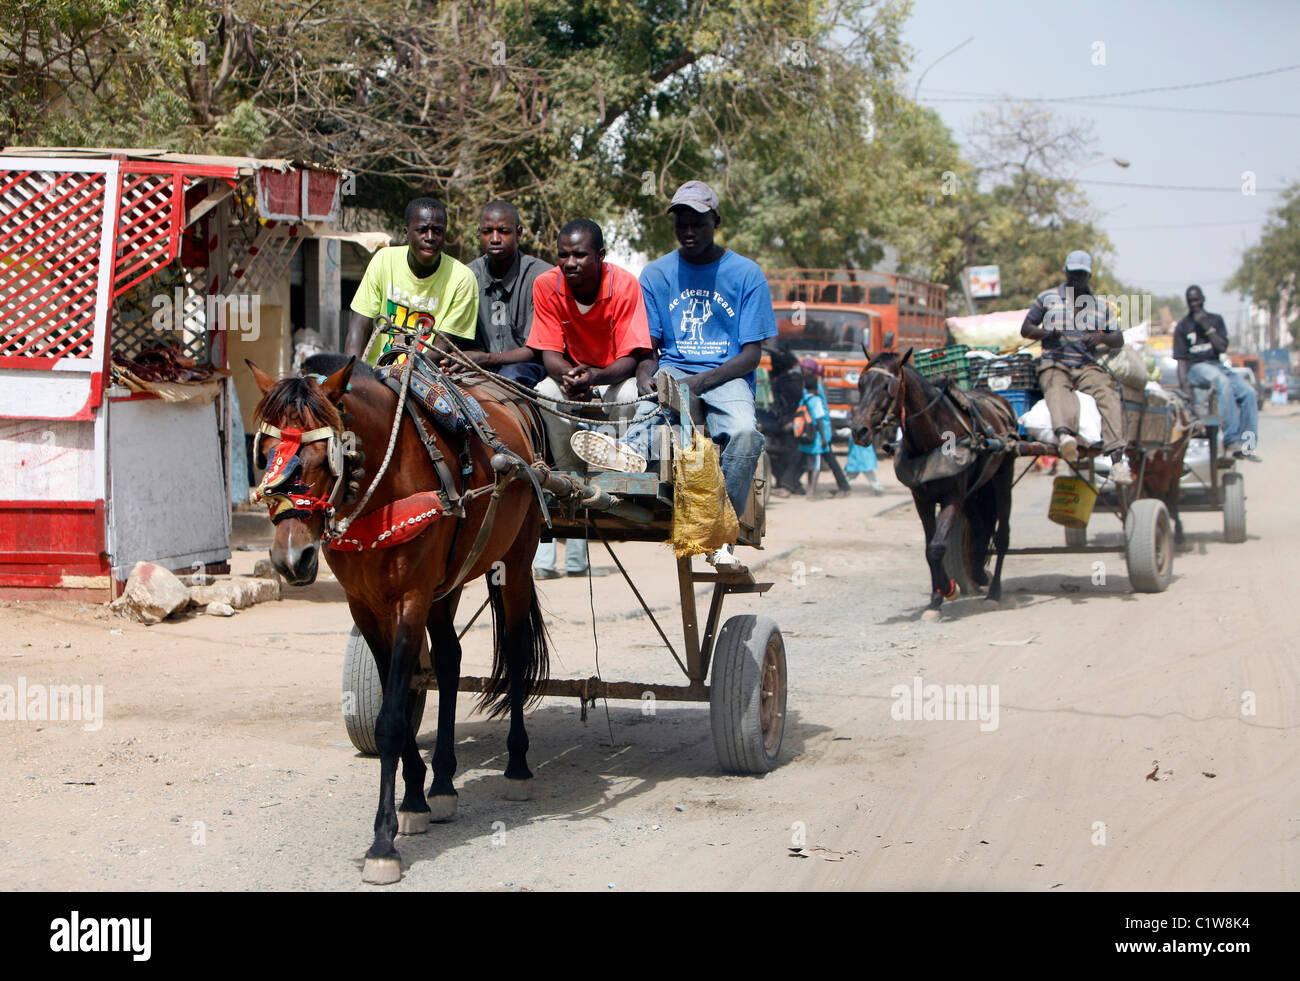 Horse cart, Dakar, Senegal - Stock Image